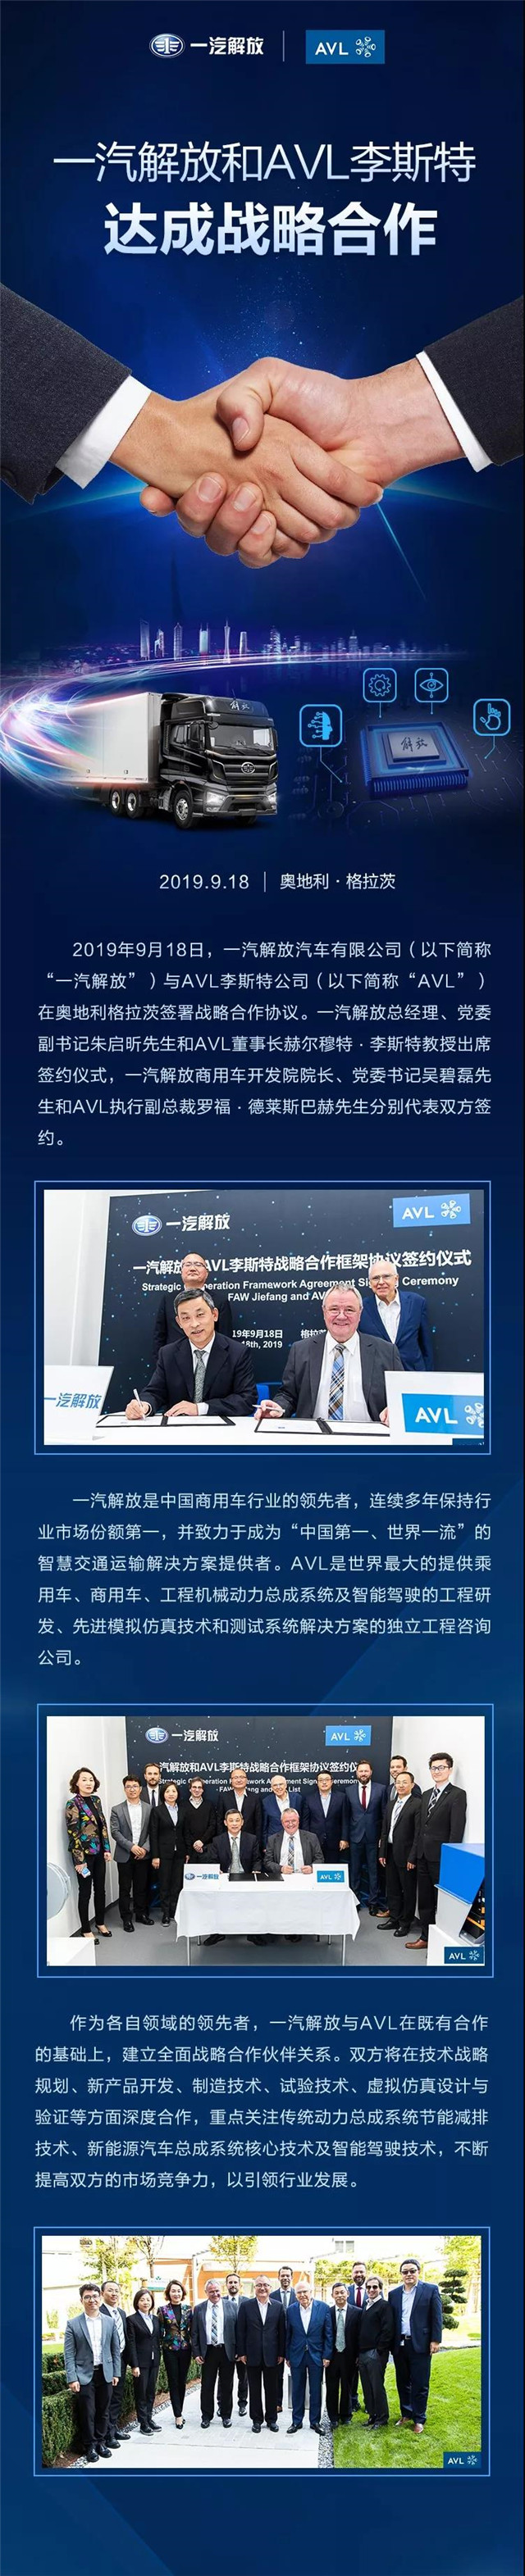 一汽解放与AVL全面开展战略合作